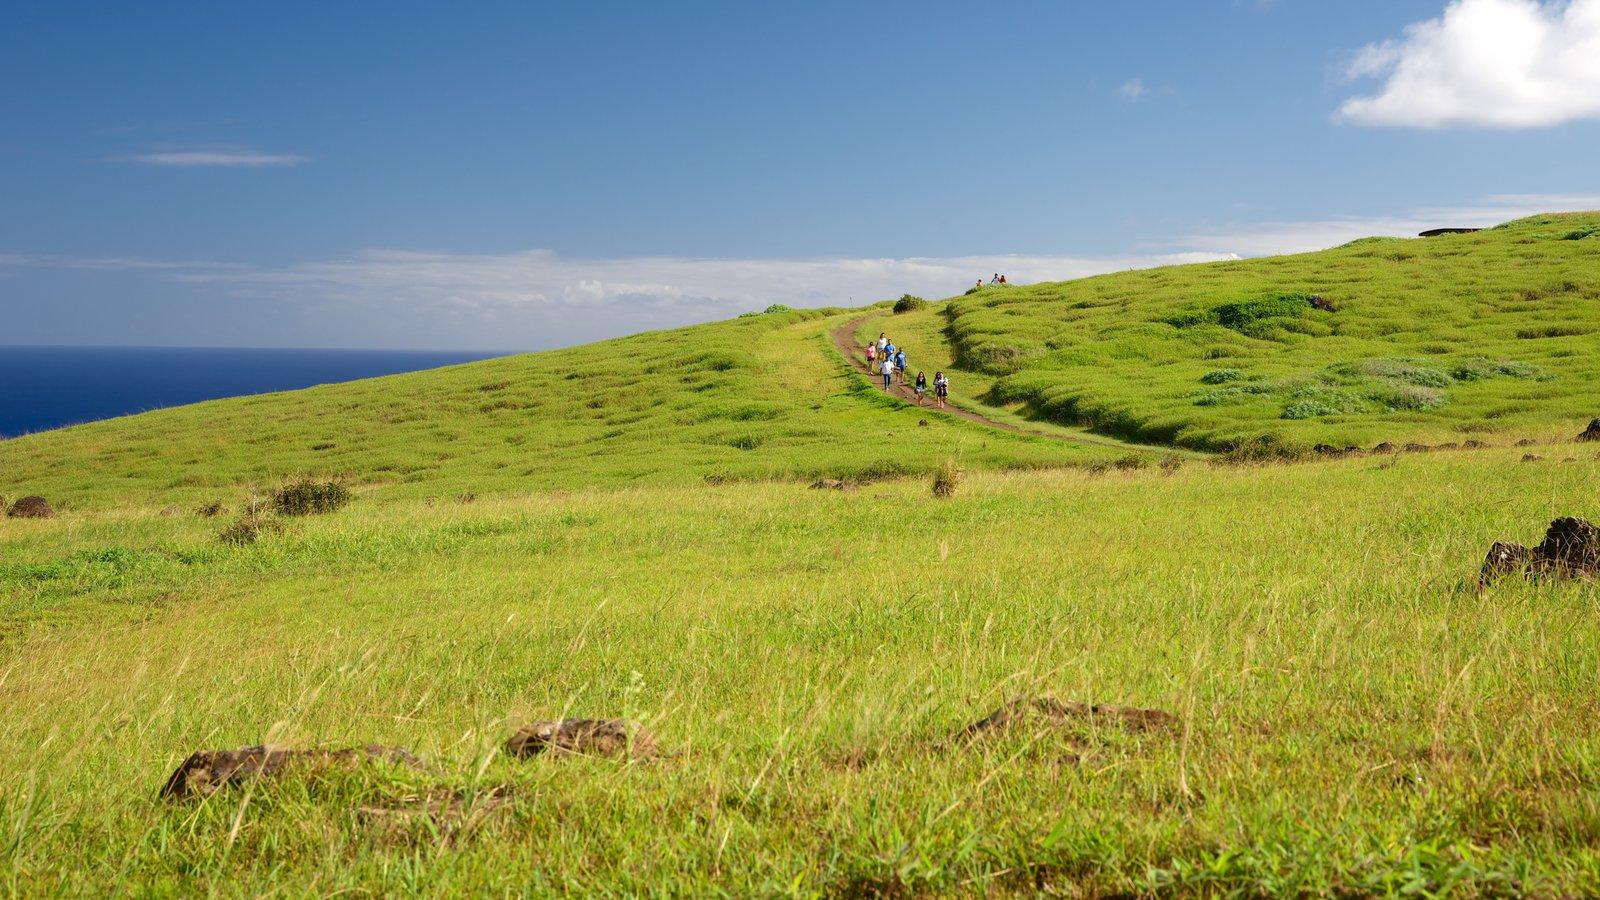 Isla de Pascua ofreciendo escenas tranquilas